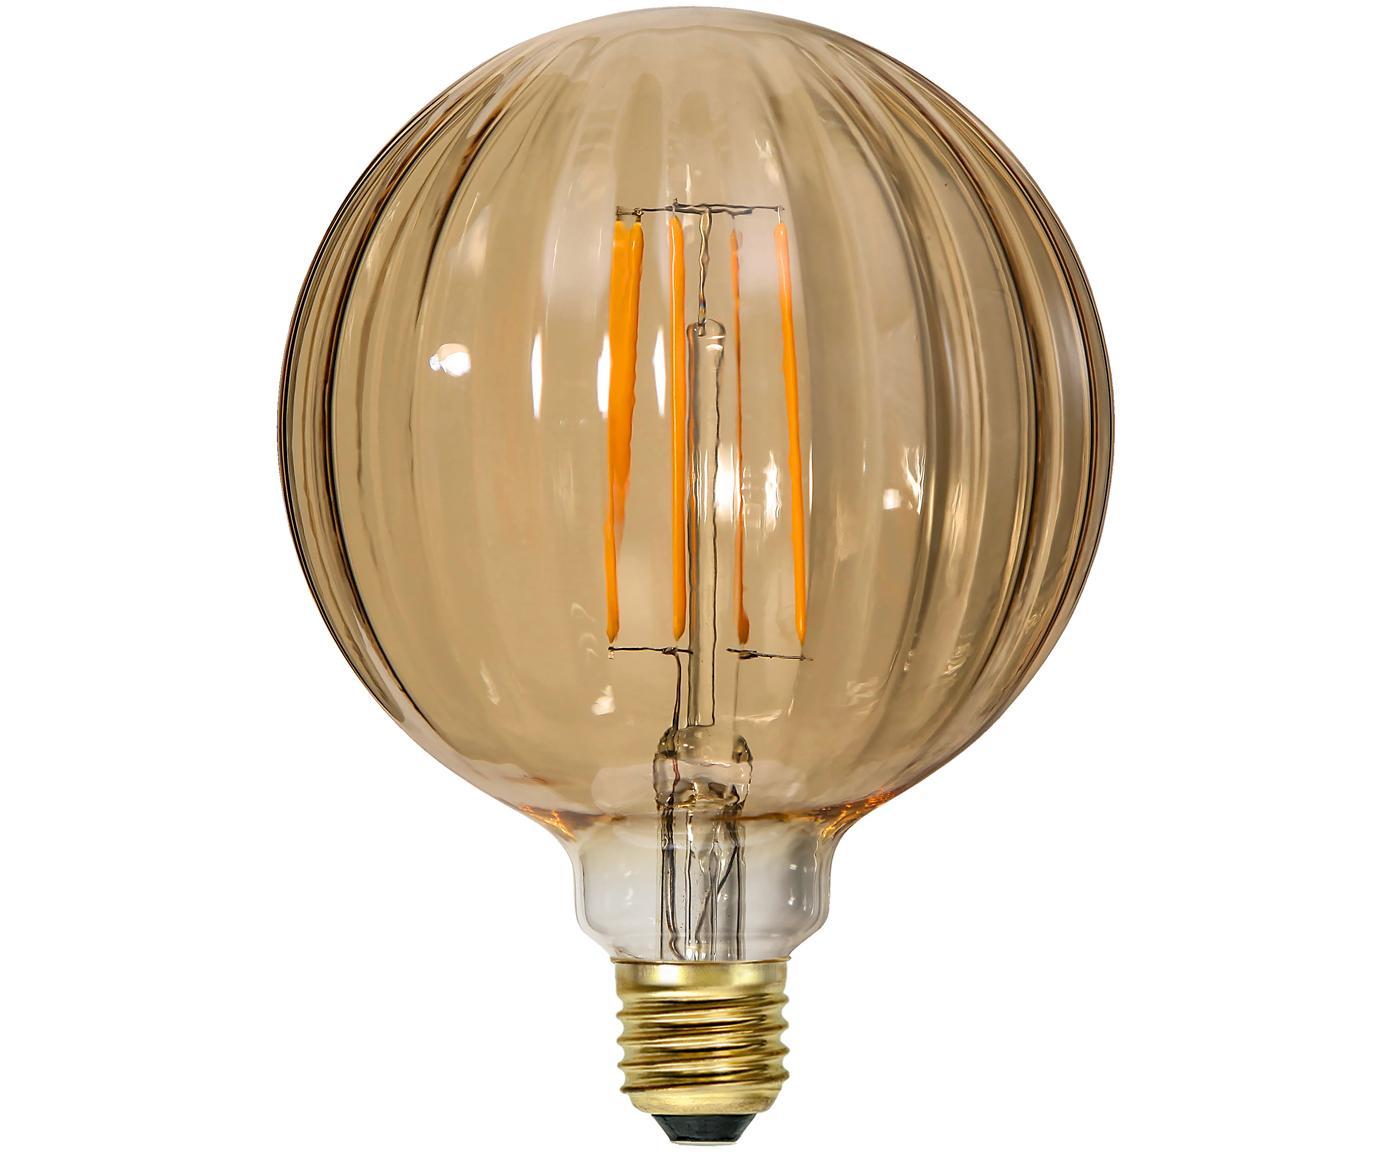 Żarówka LED Circy (E27/3 W), Bursztynowy, Ø 13 x W 17 cm